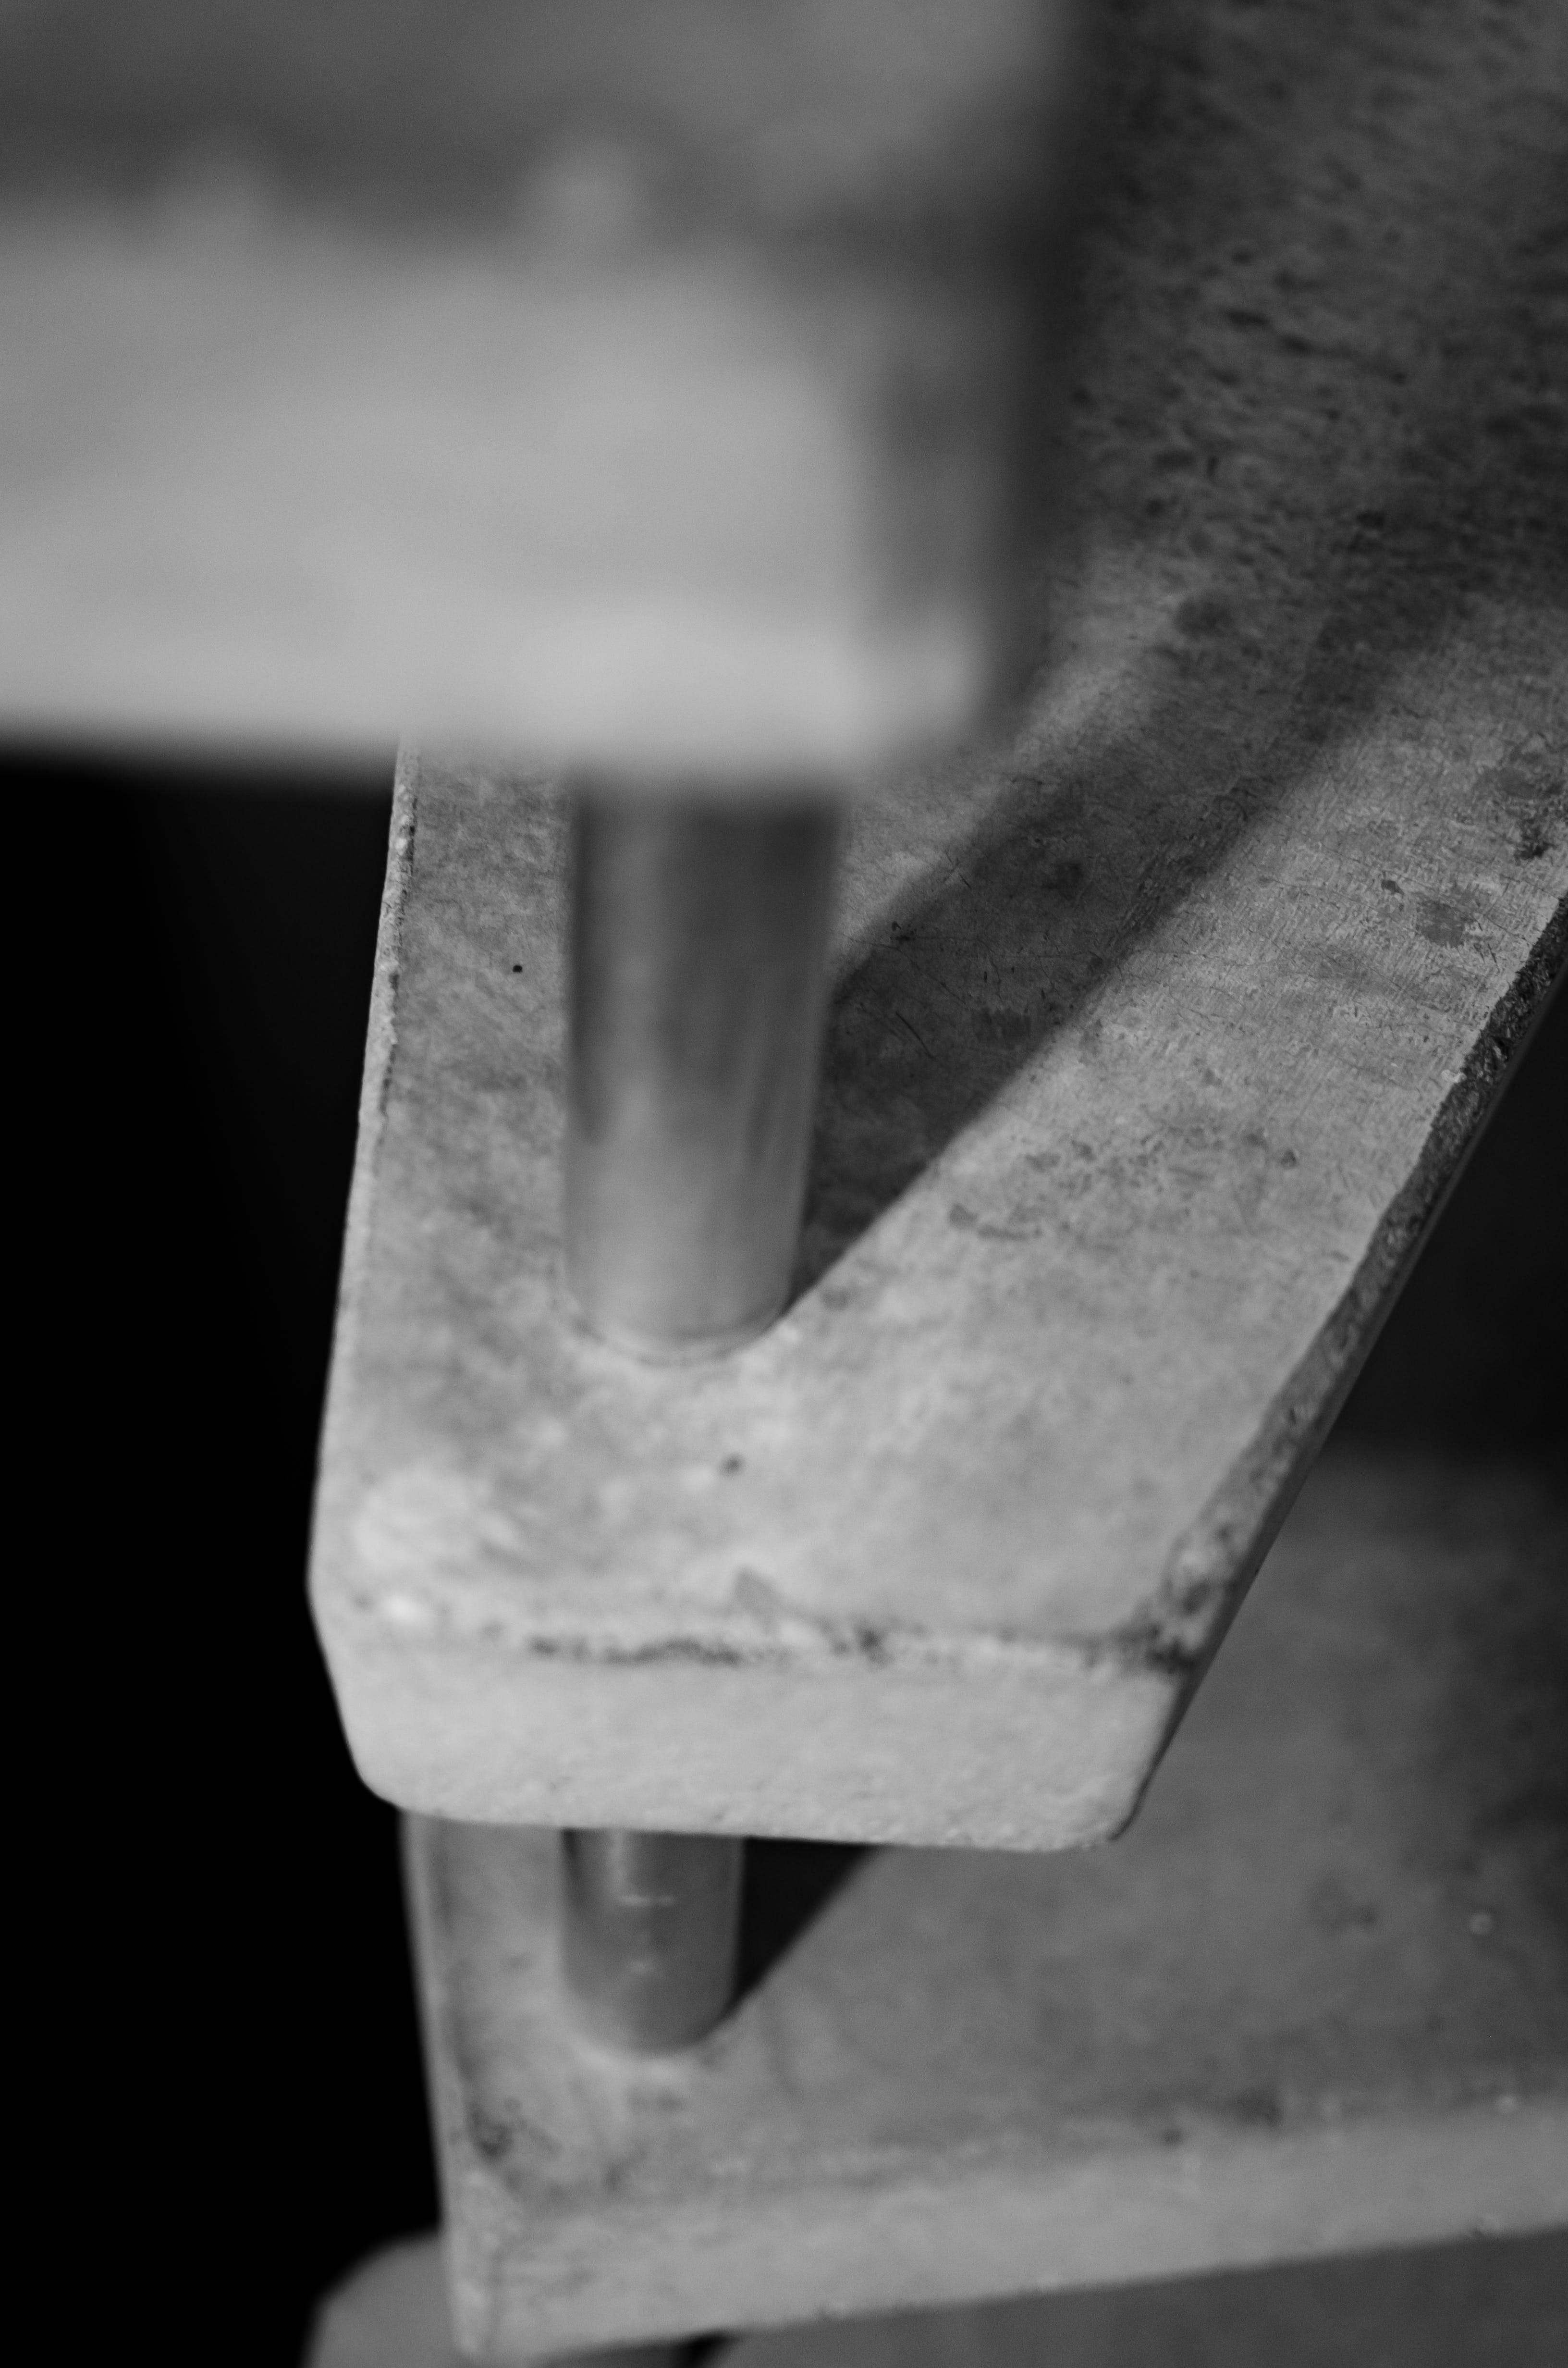 Free stock photo of bw, concrete, metal, shadow